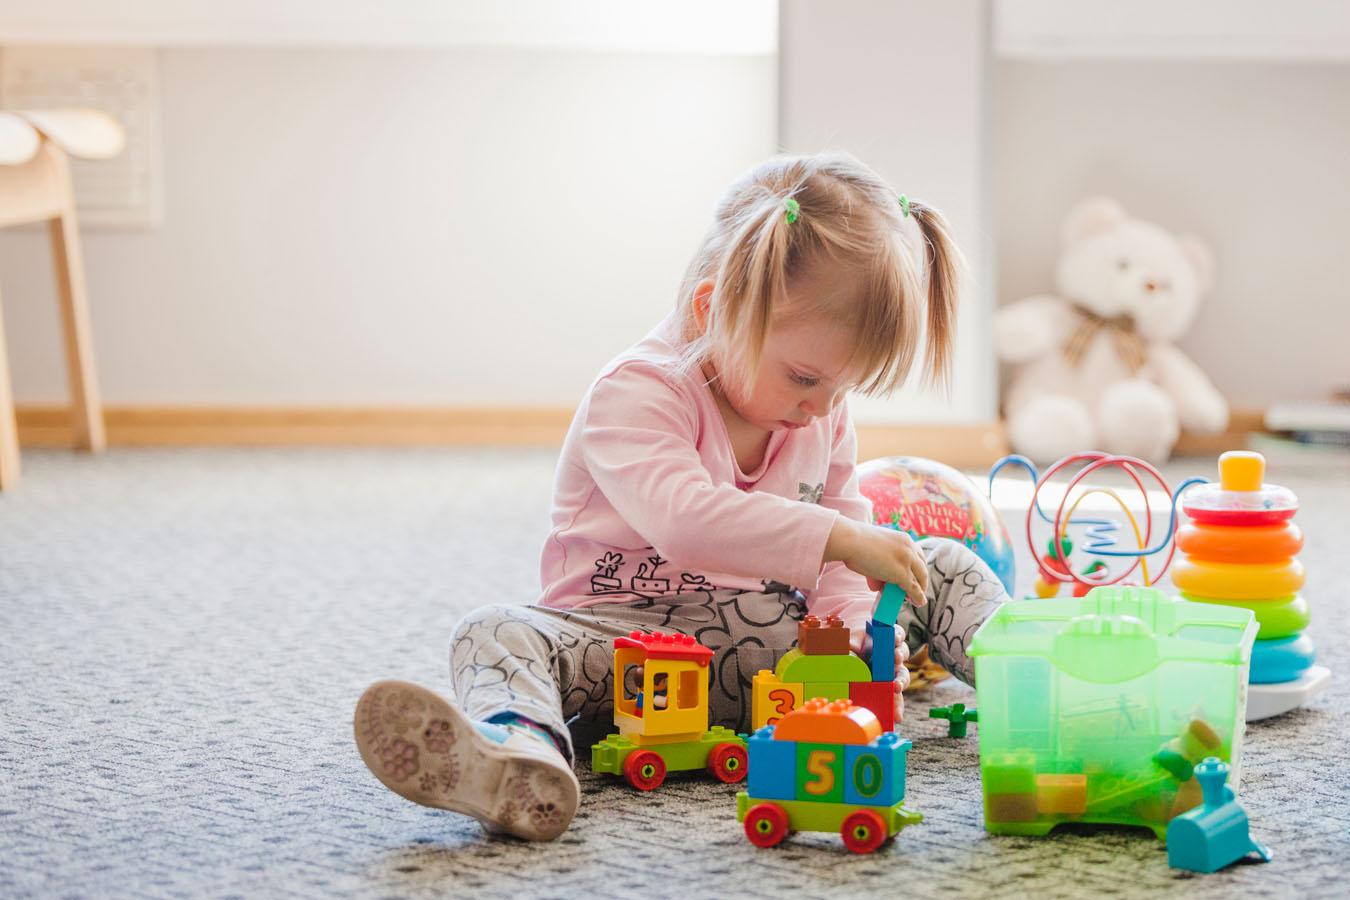 Una bimba gioca su un tappeto della sua stanza luminosa